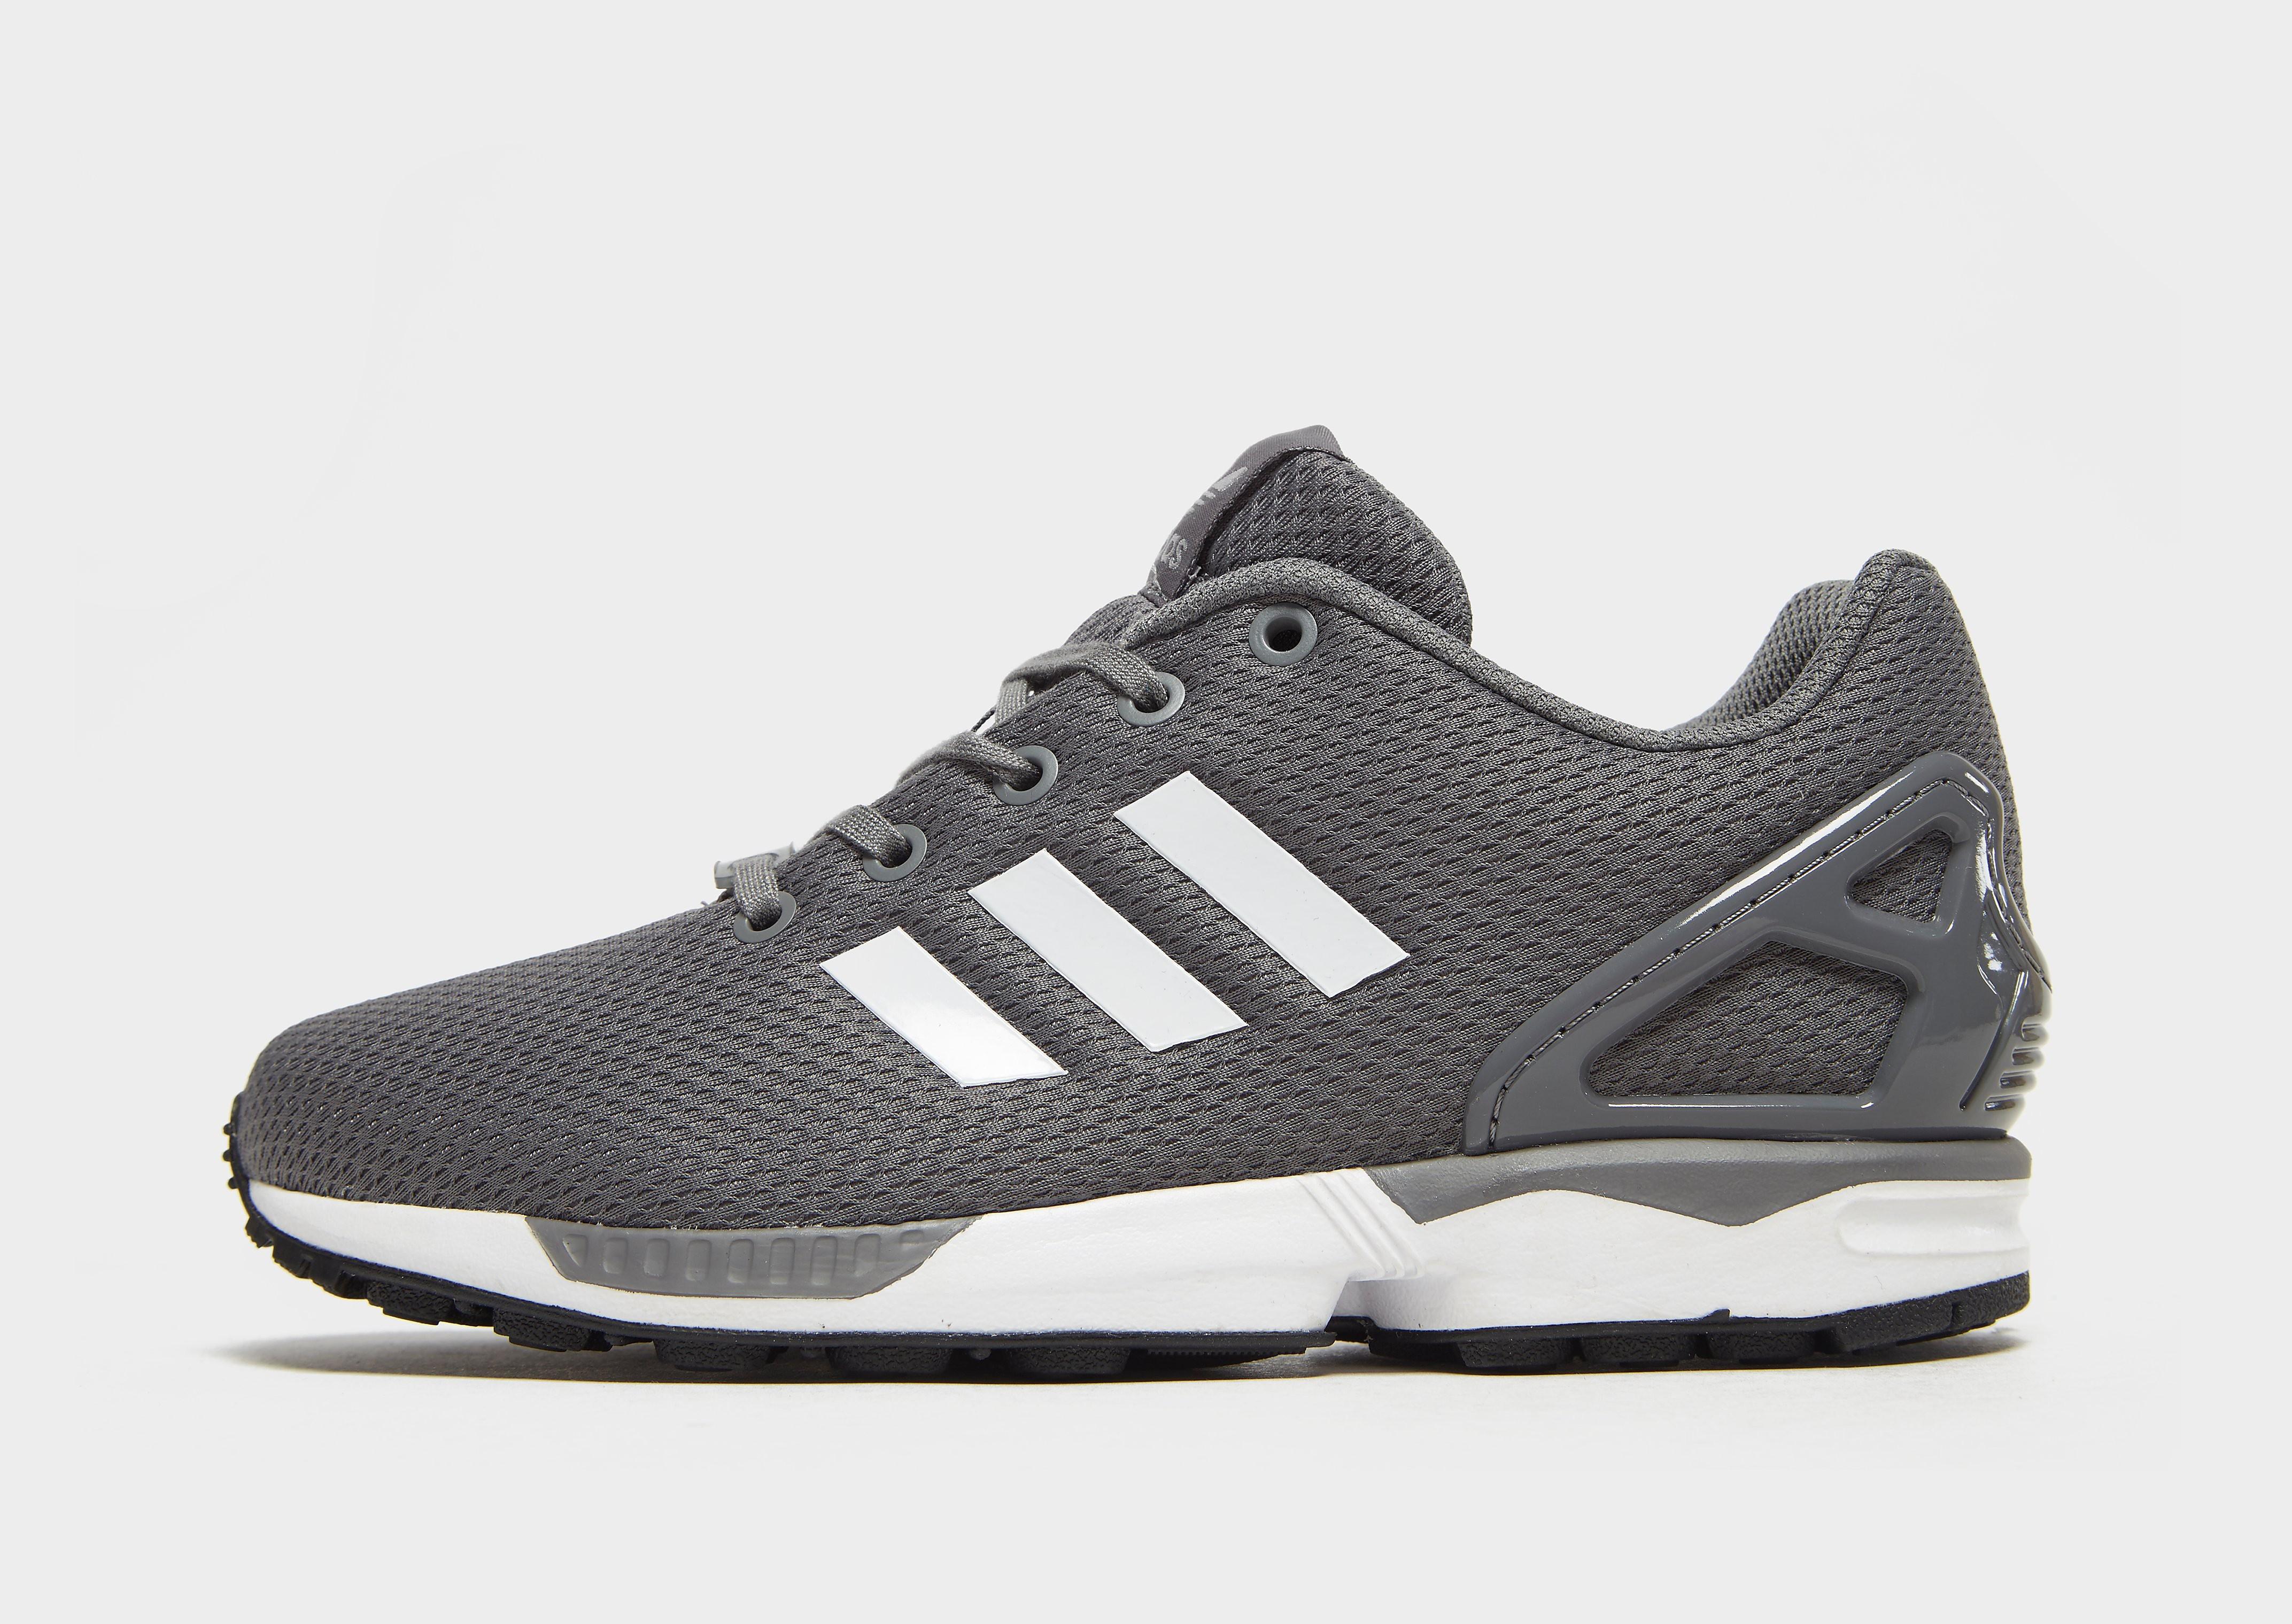 Adidas ZX Flux kindersneaker grijs